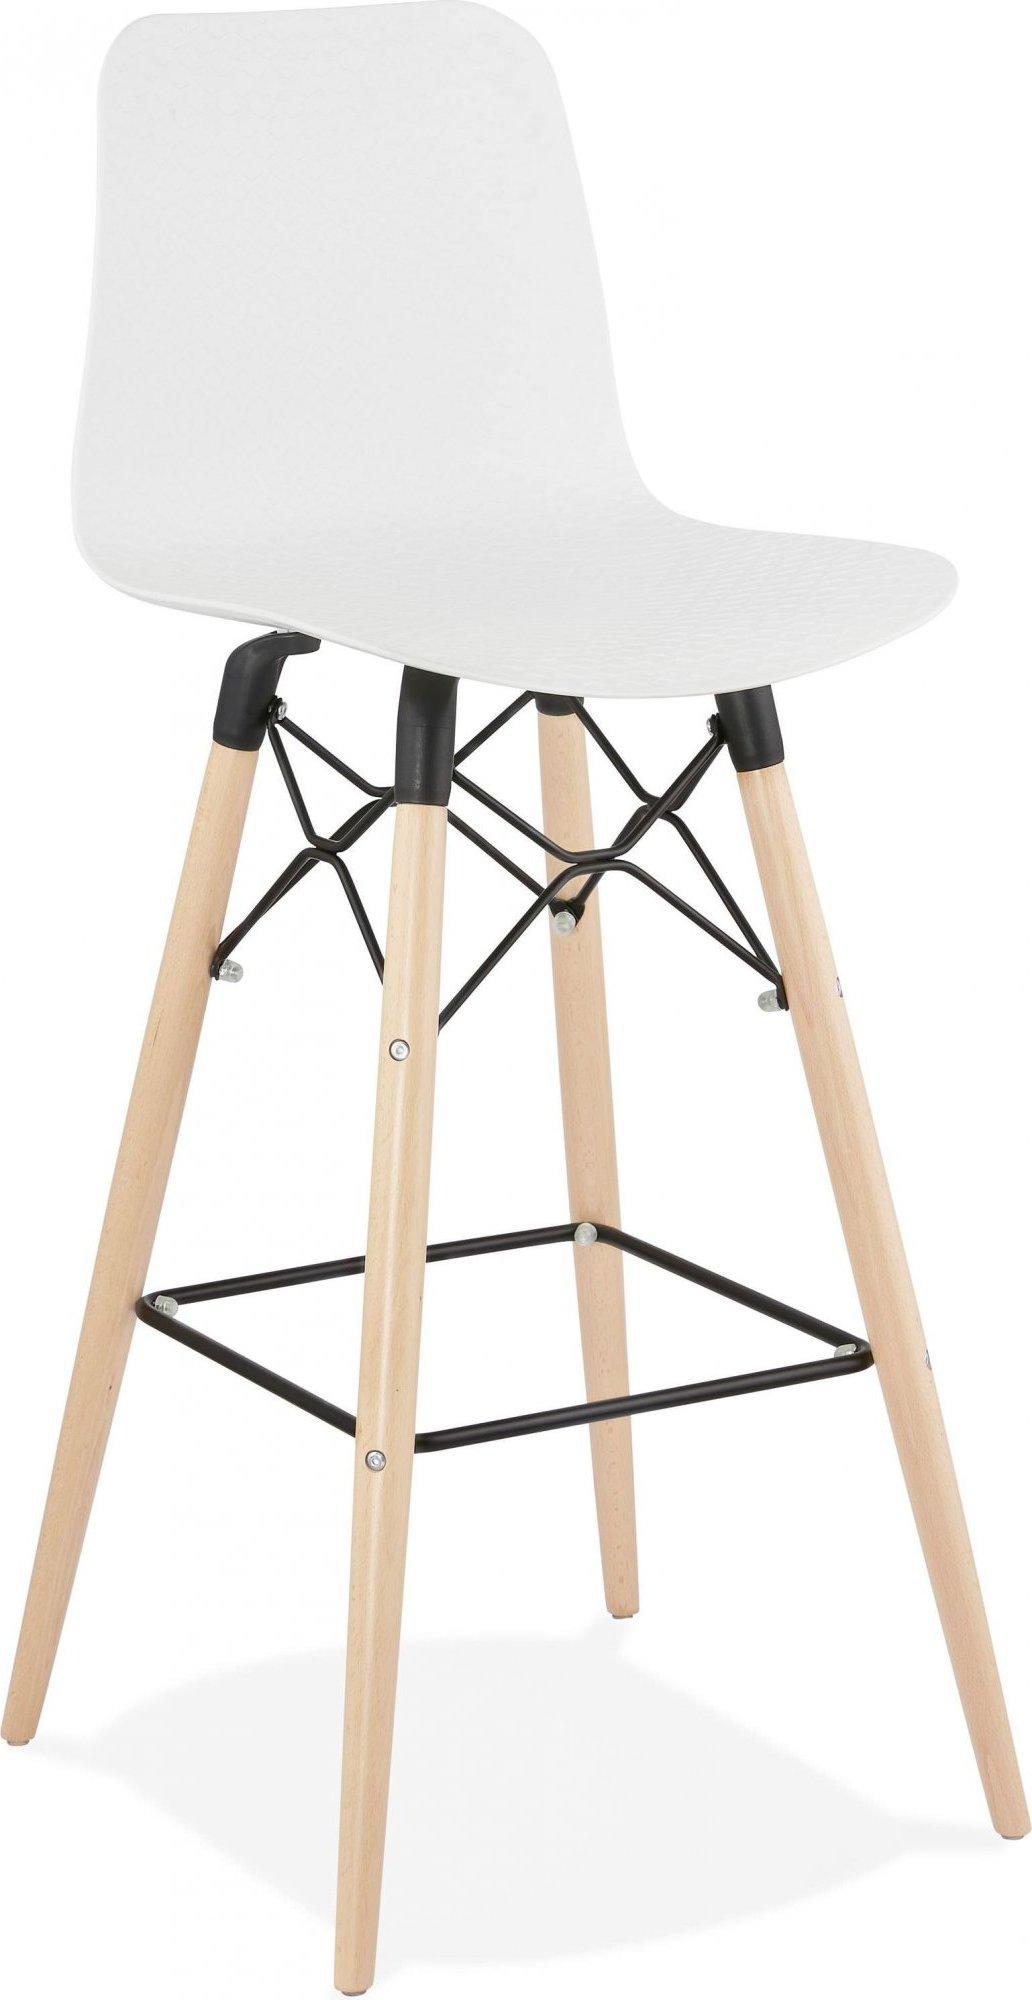 Tabouret de bar blanc et bois naturel h112cm